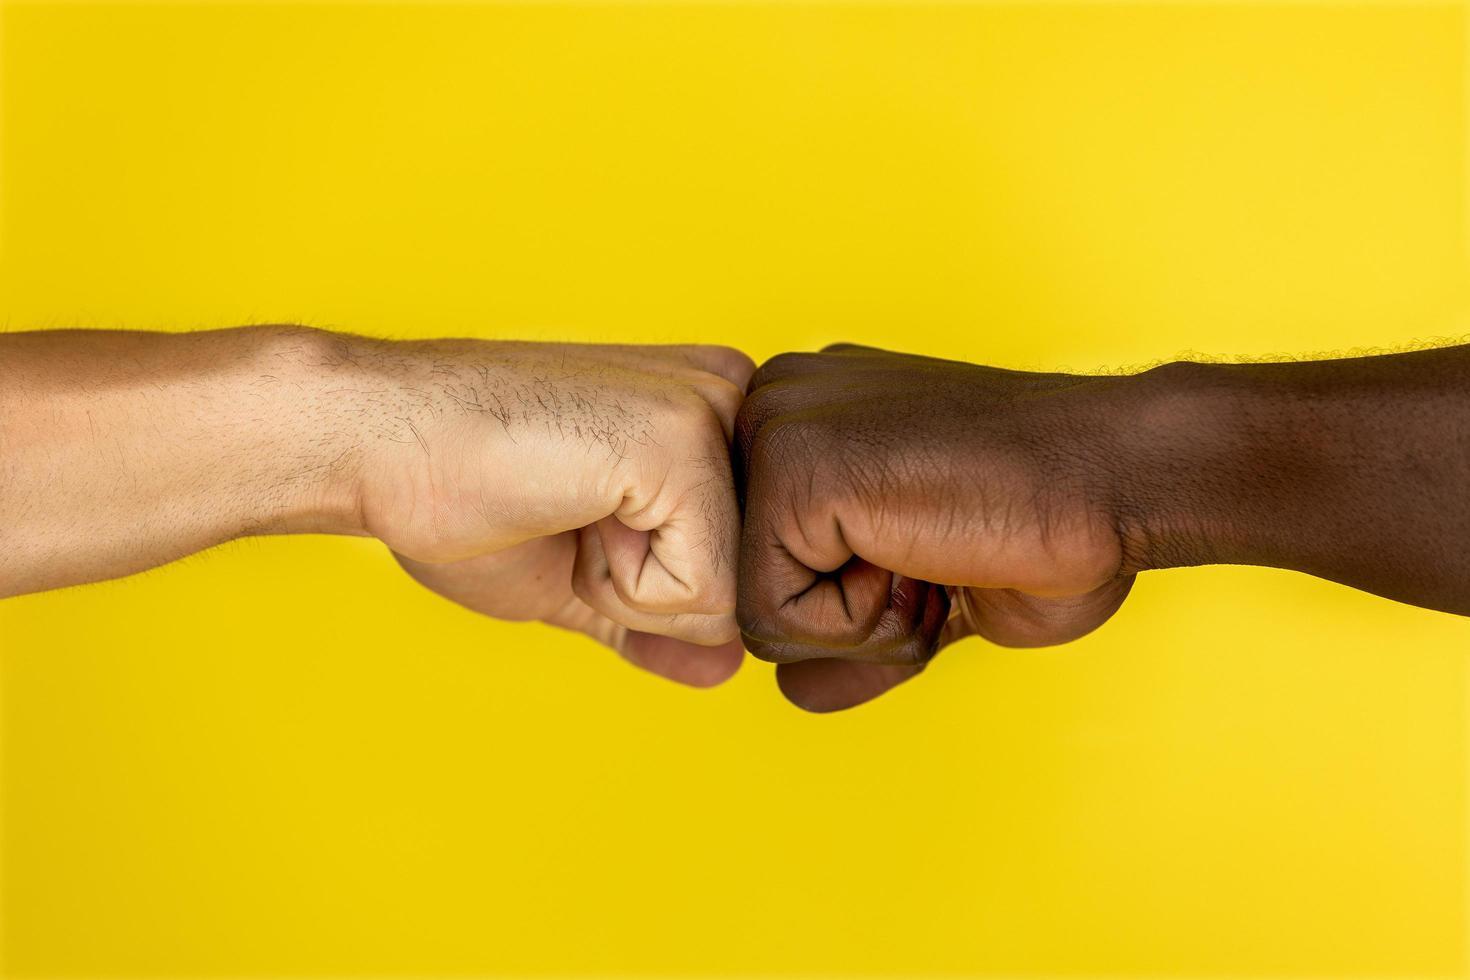 deux amis fist bumb photo